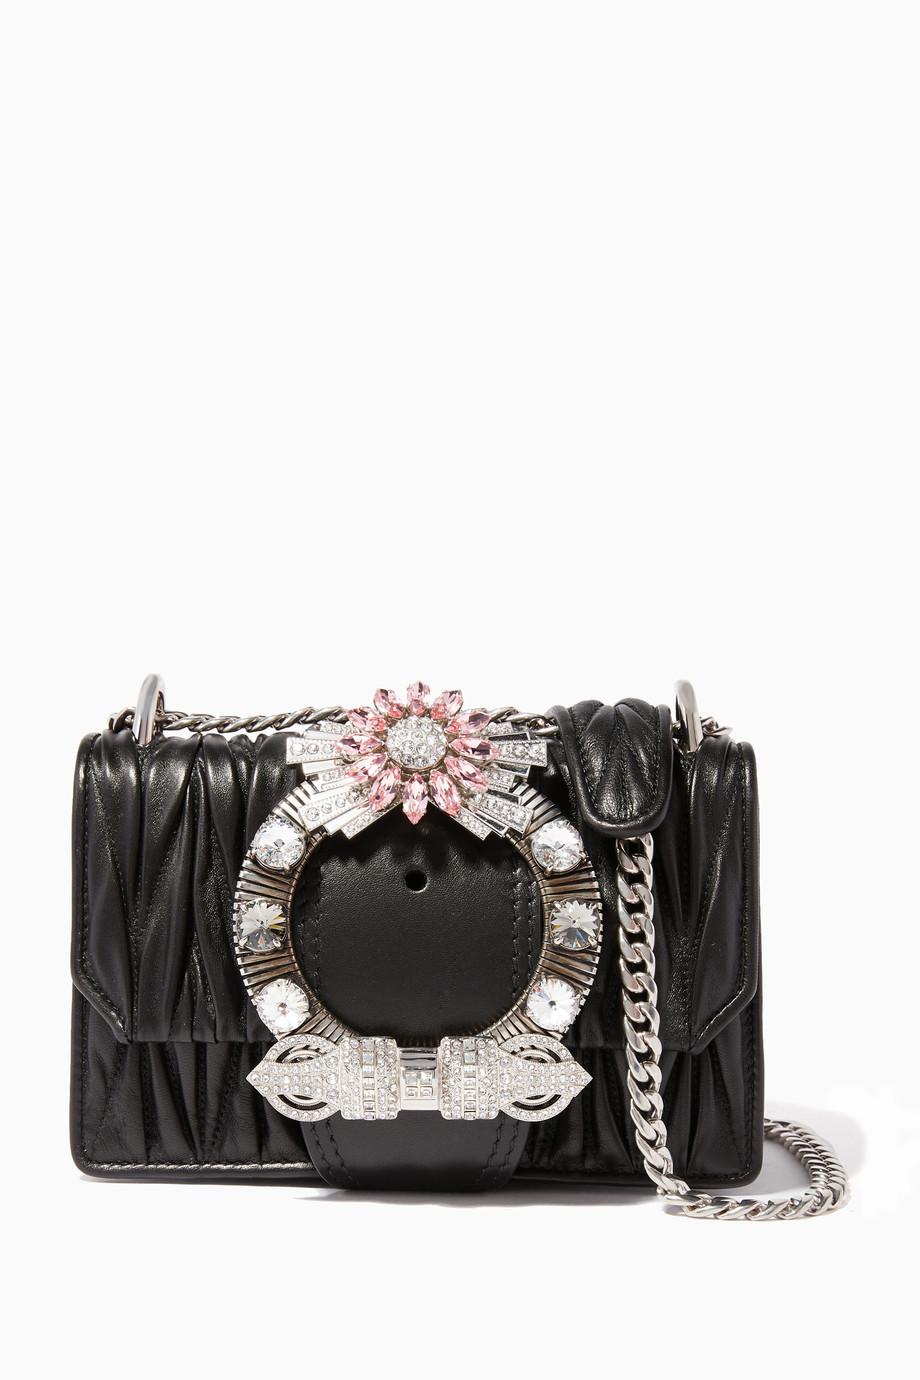 9d6b6ffaa22 Shop Miu Miu Black Black Crystal-Embellished Miu Lady Shoulder Bag ...